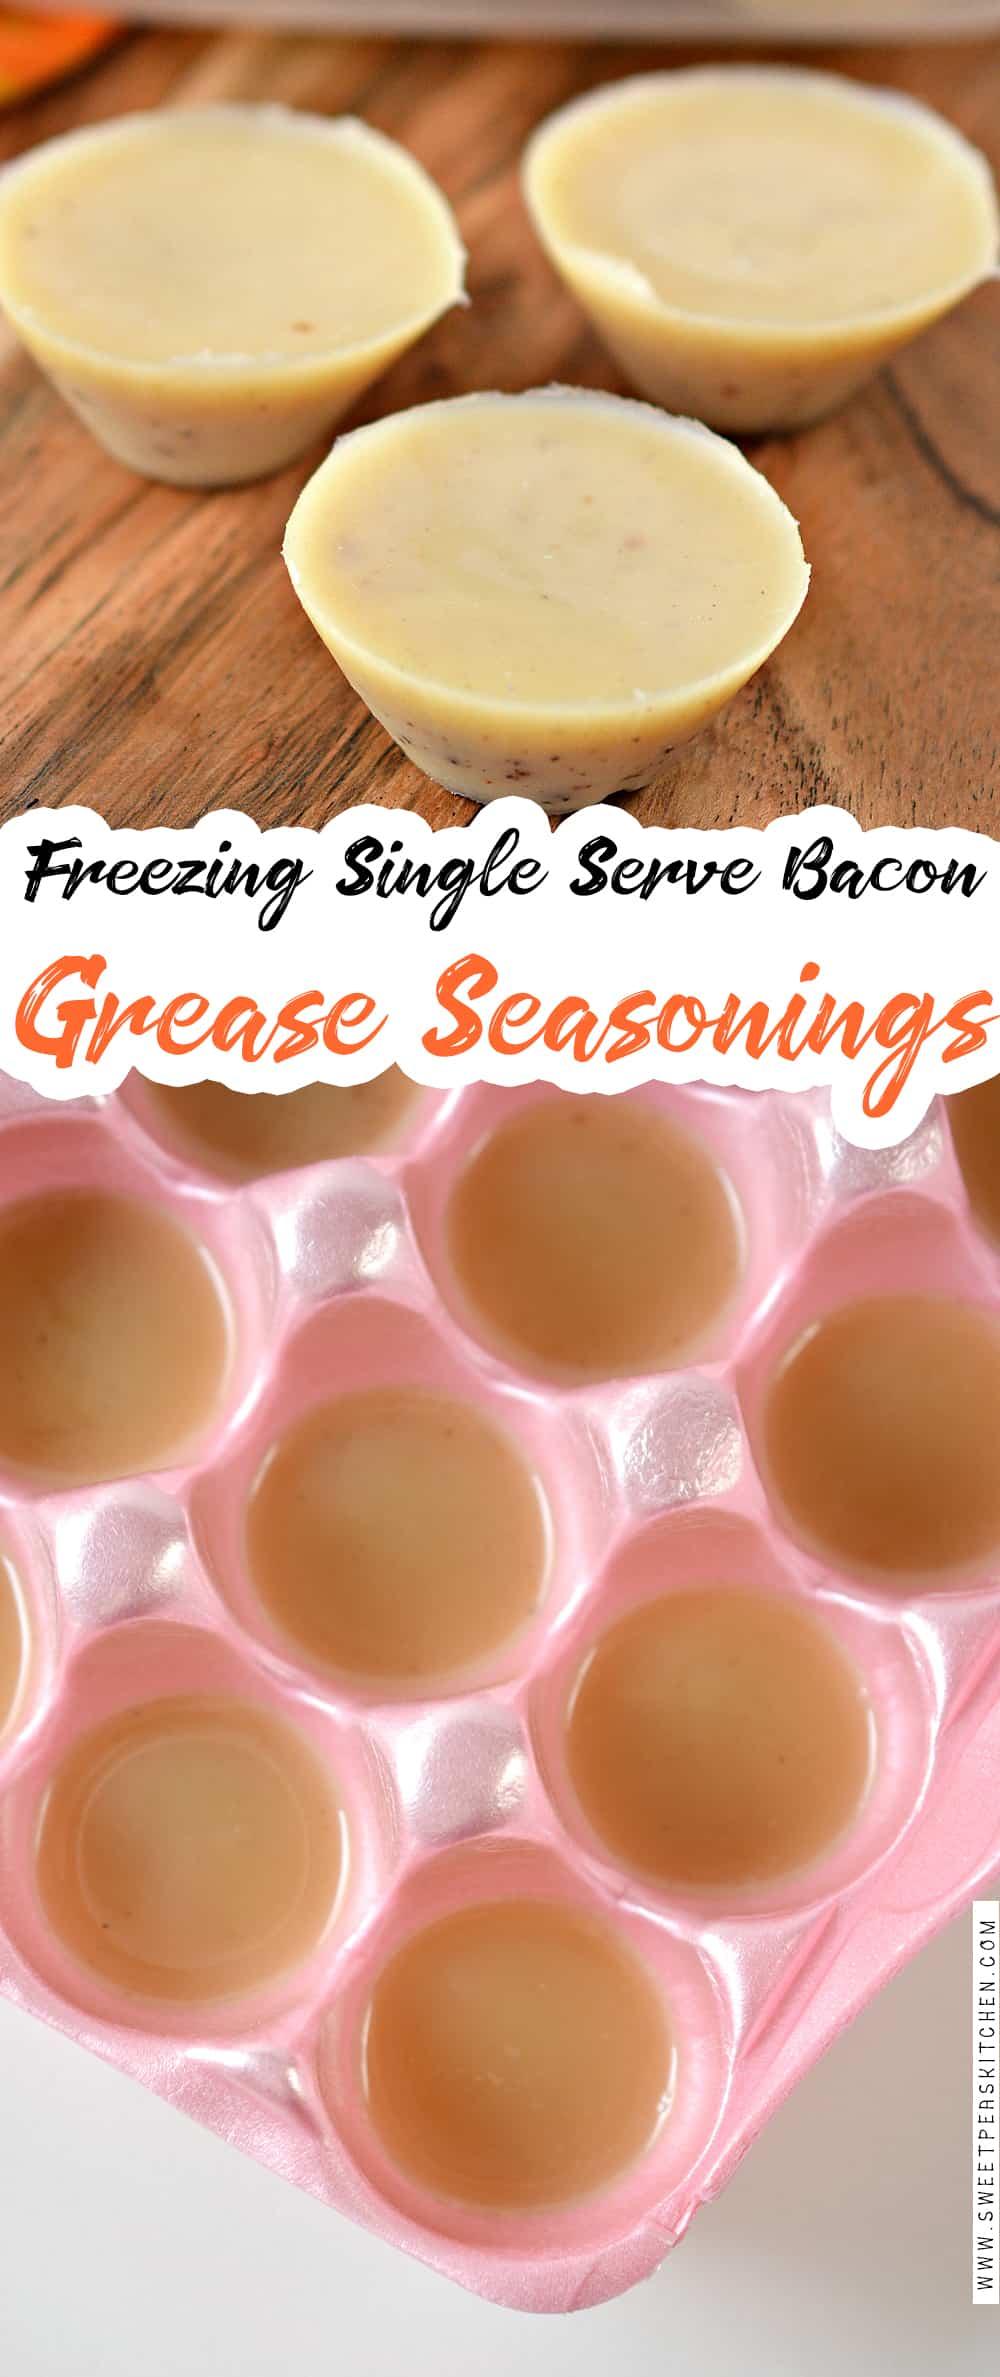 Freezing Single Serve Bacon Grease Seasonings